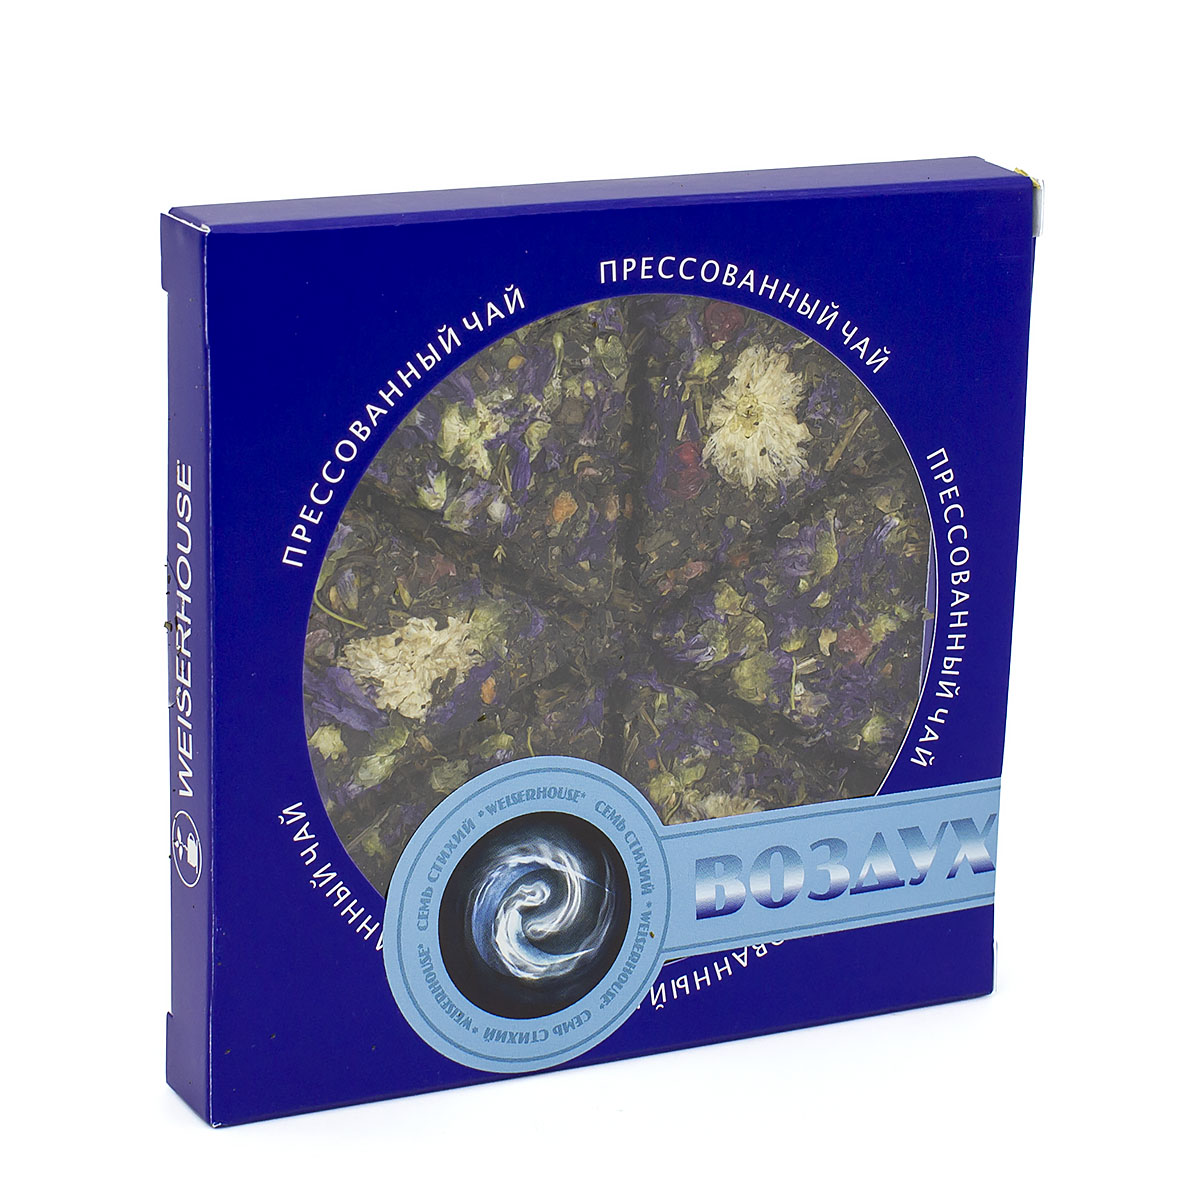 Фото - Чай зелёный Воздух, прессованный, блин, 75 г чай чёрный вселенная прессованный блин 75 г